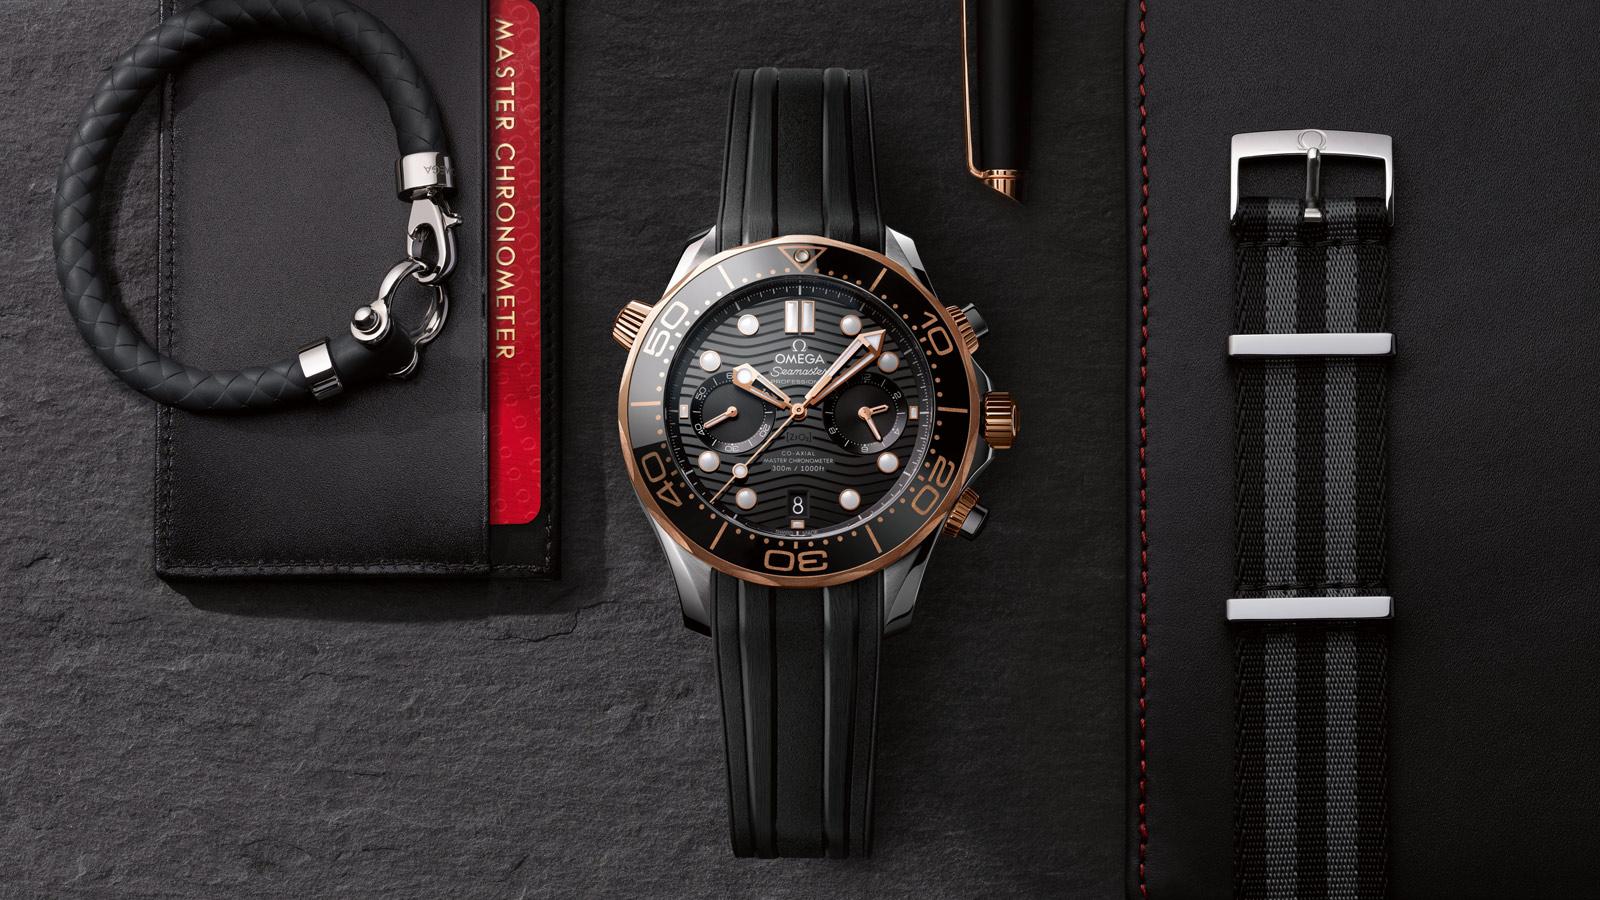 Seamaster 300米潜水表 300米潜水表 欧米茄同轴至臻天文台计时腕表44毫米 腕表 - 210.22.44.51.01.001